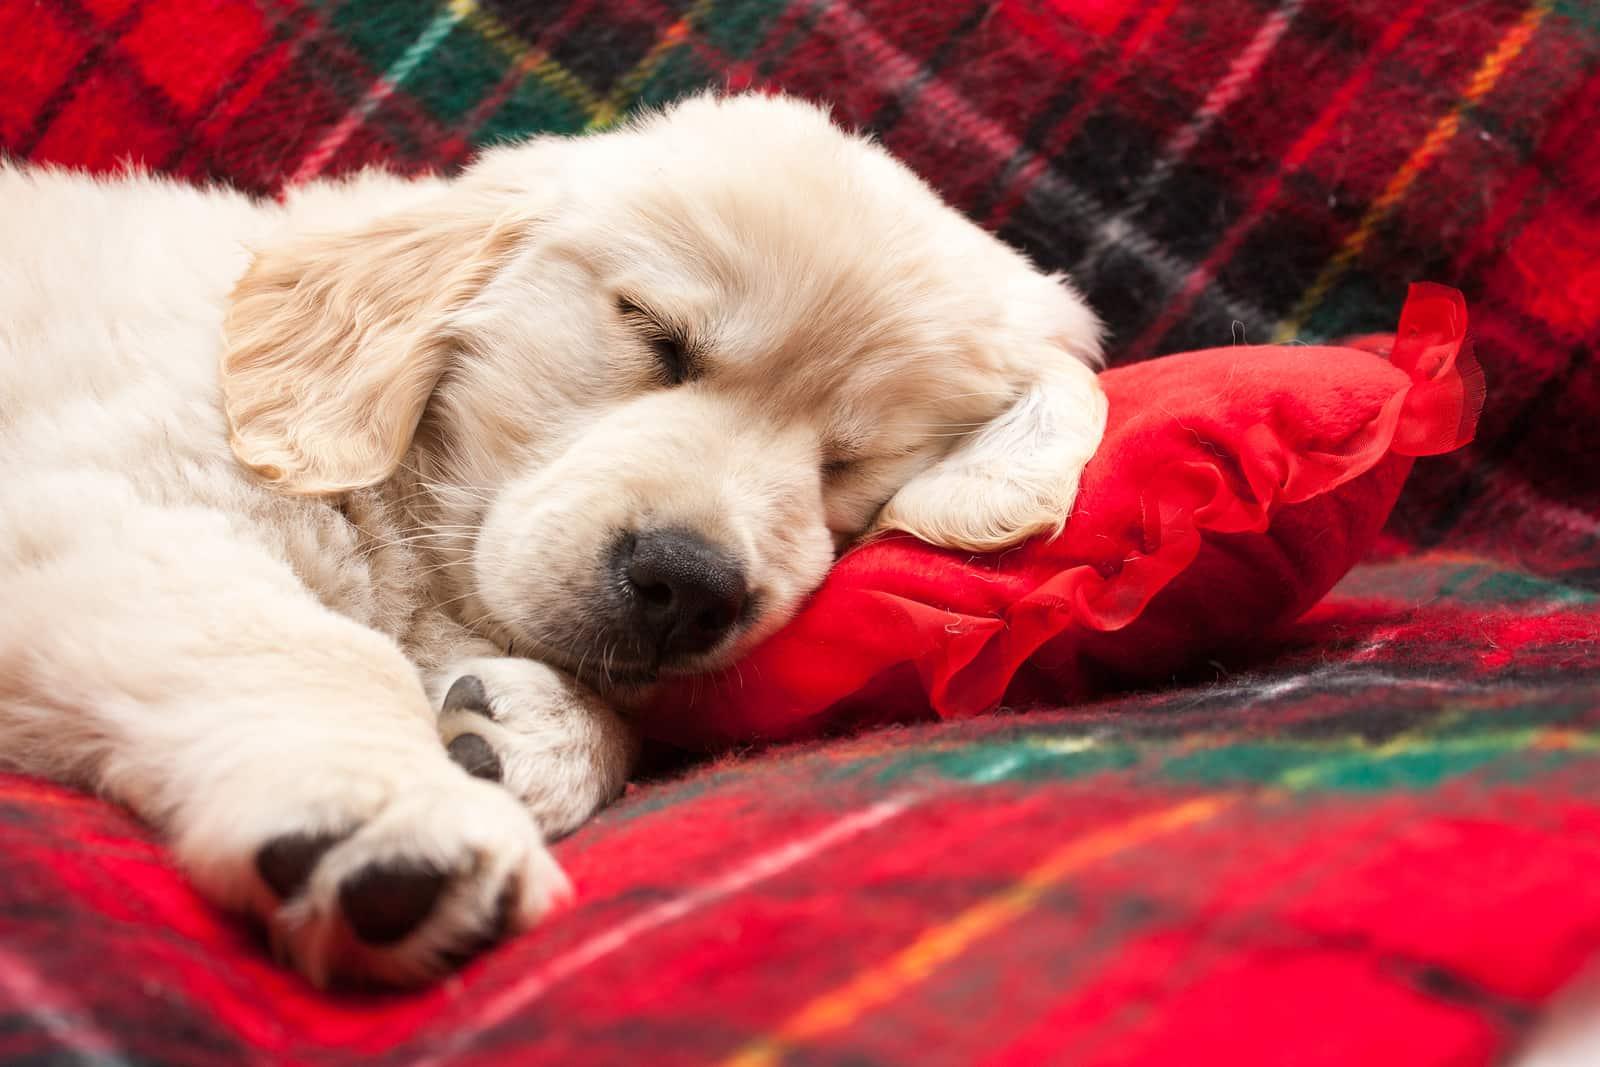 Golden retriever puppy asleep on red flannel blanket.